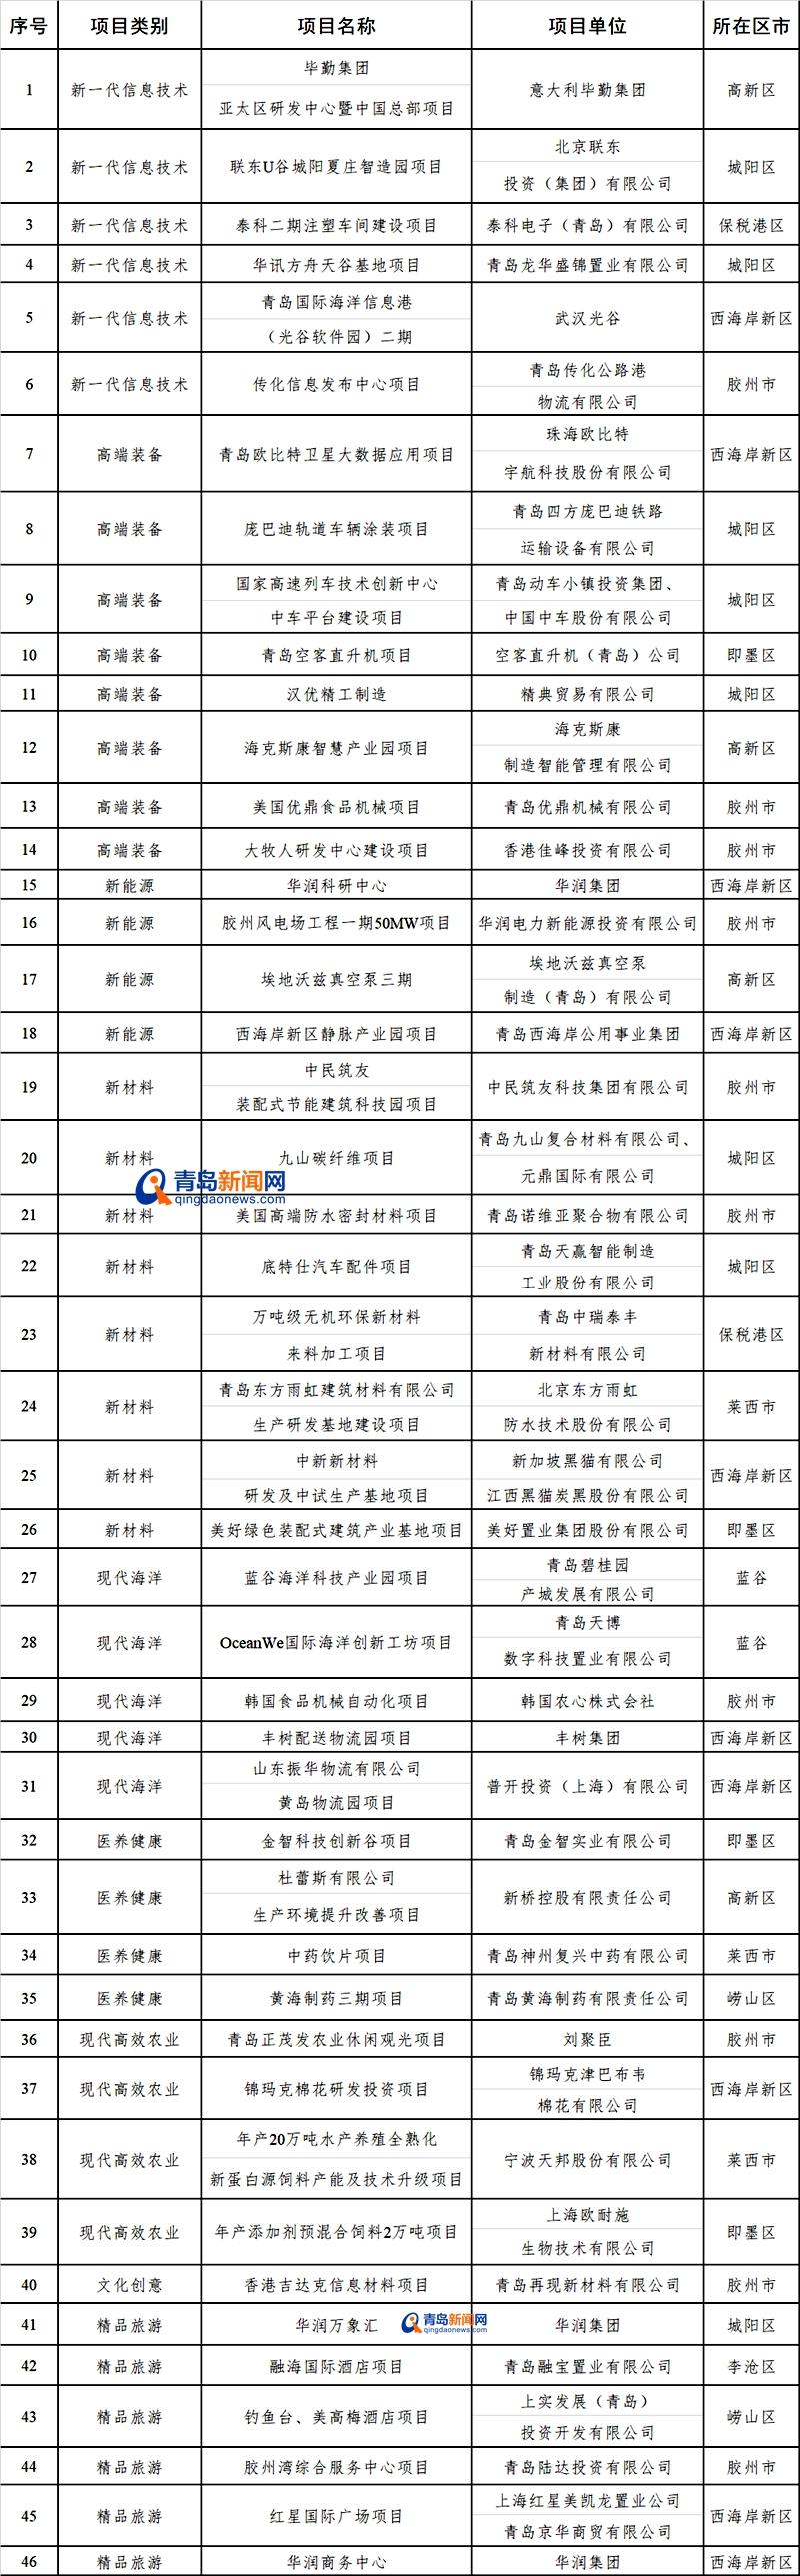 青島2018雙招雙引全省第一 !這46個項目成重點